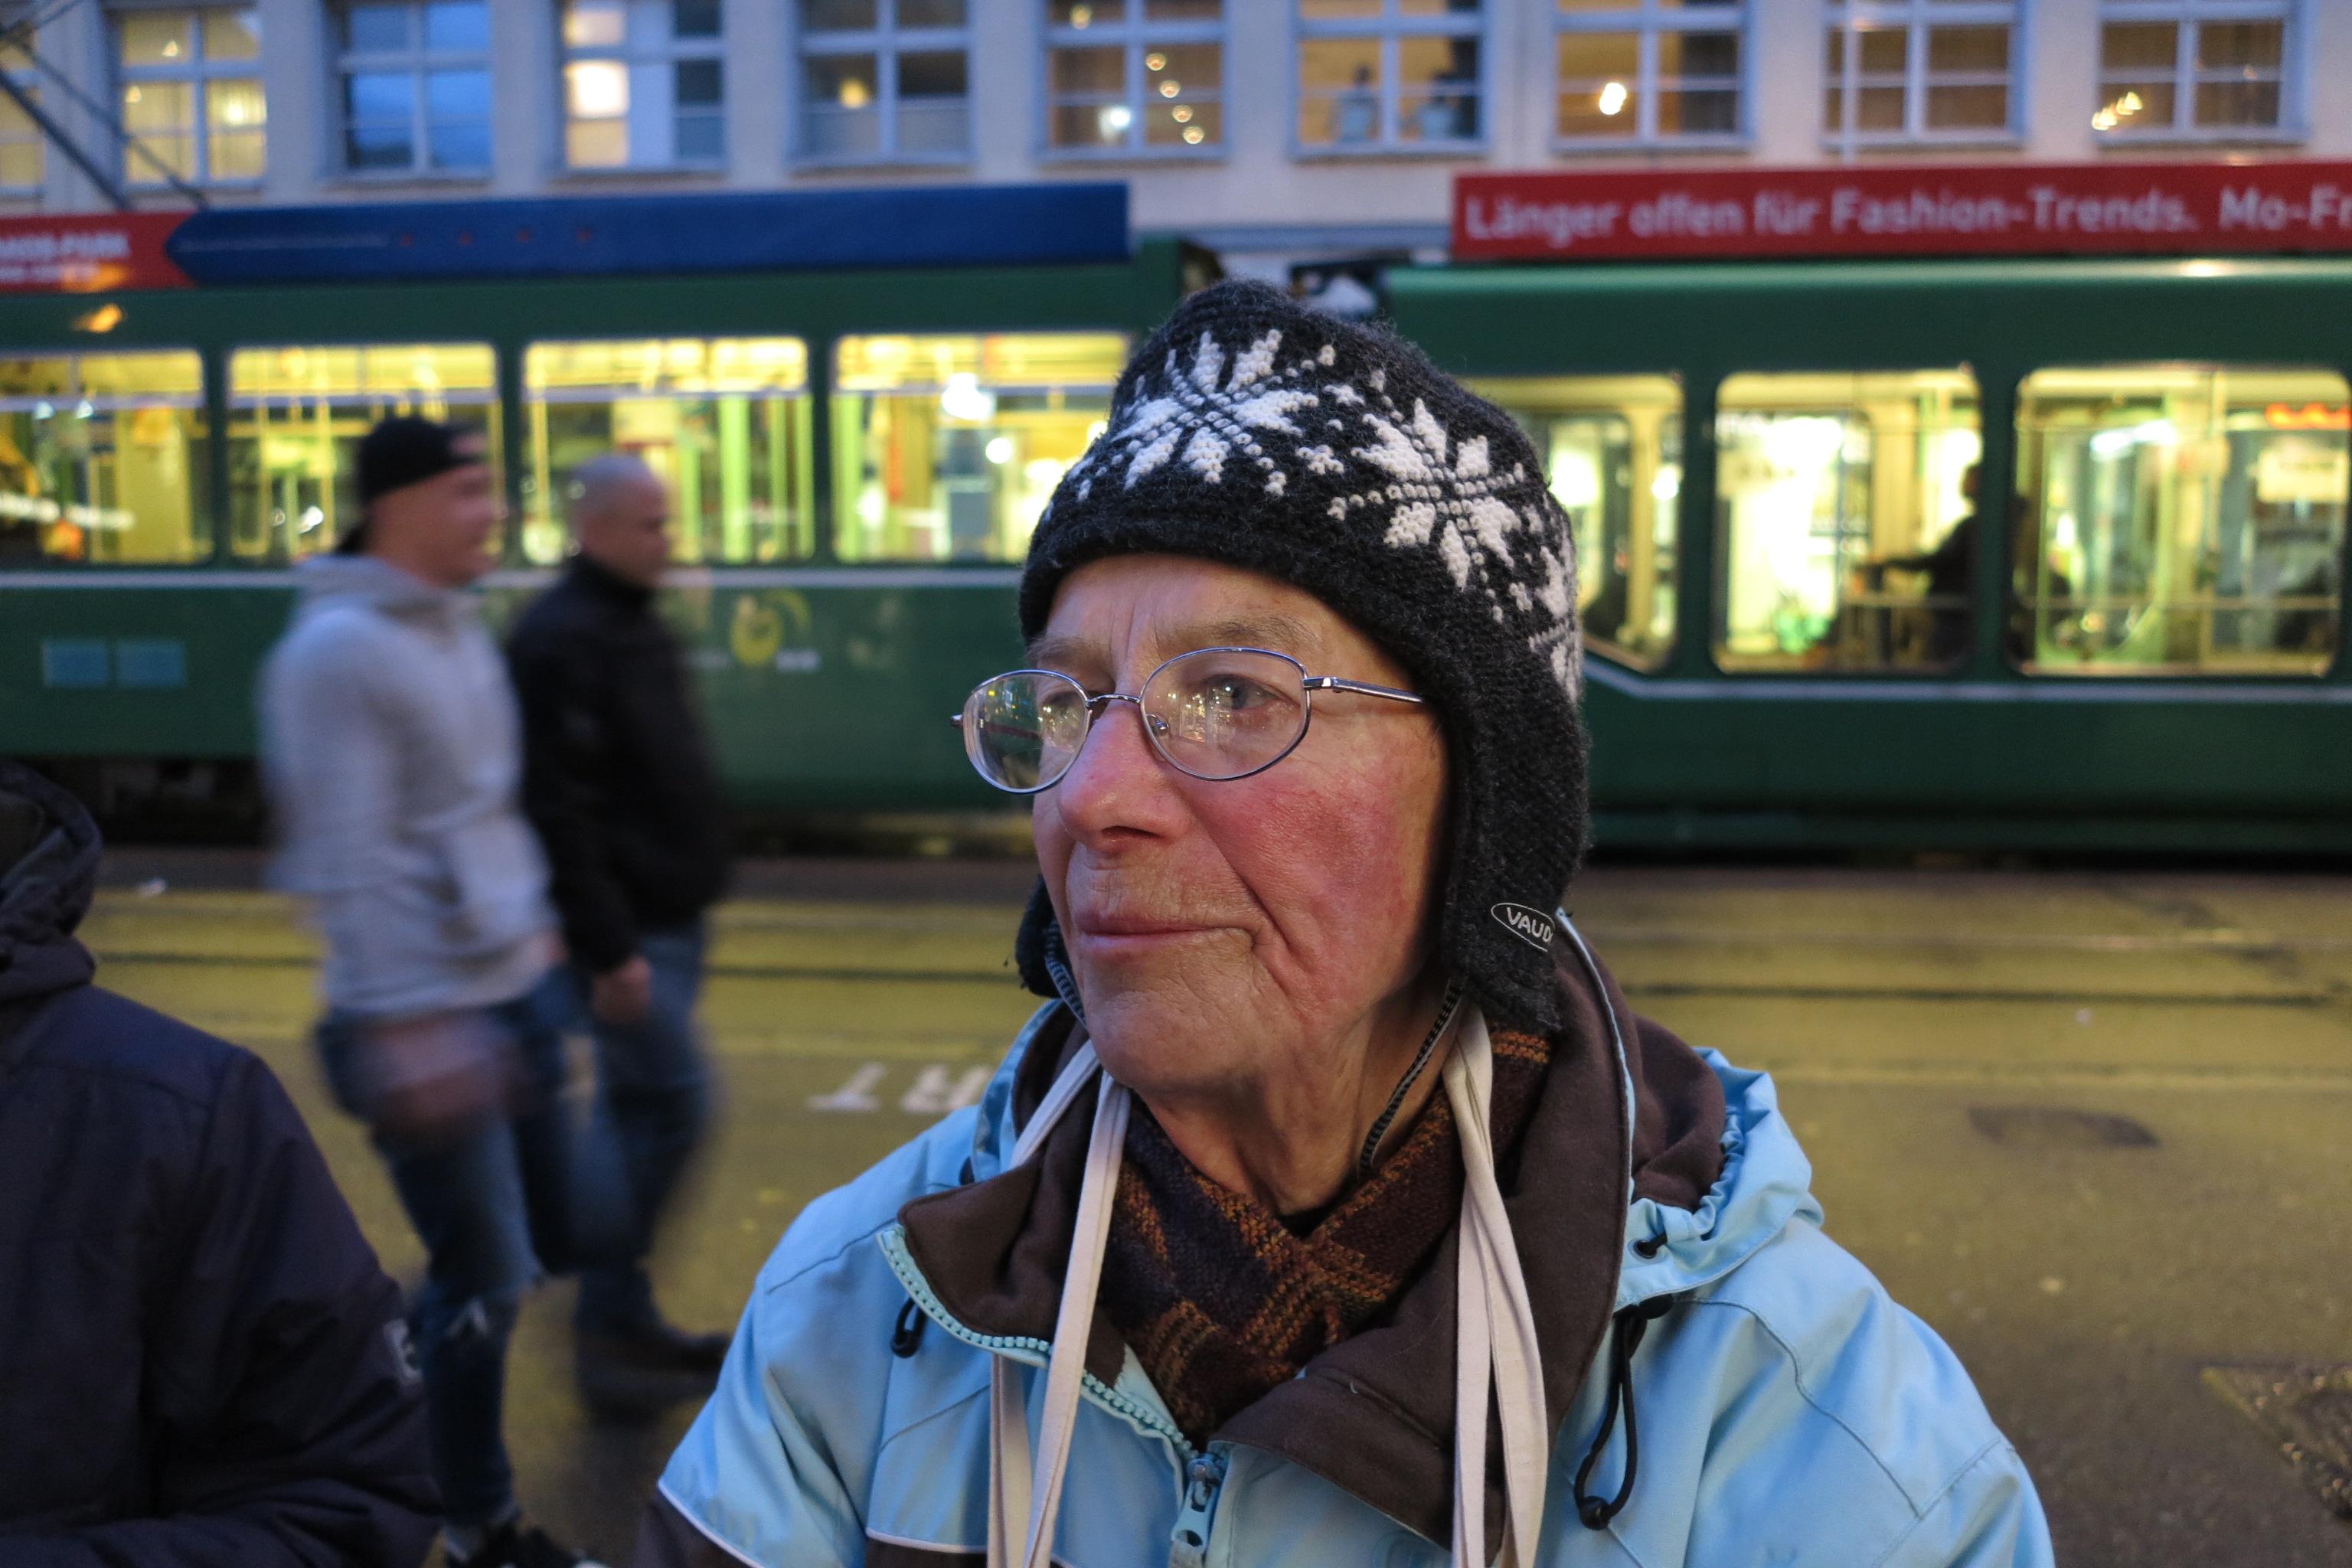 Diese Frau, die vorne im Demonstrationszug mitlief, wurde von einem Gummigeschoss im Gesicht getroffen.